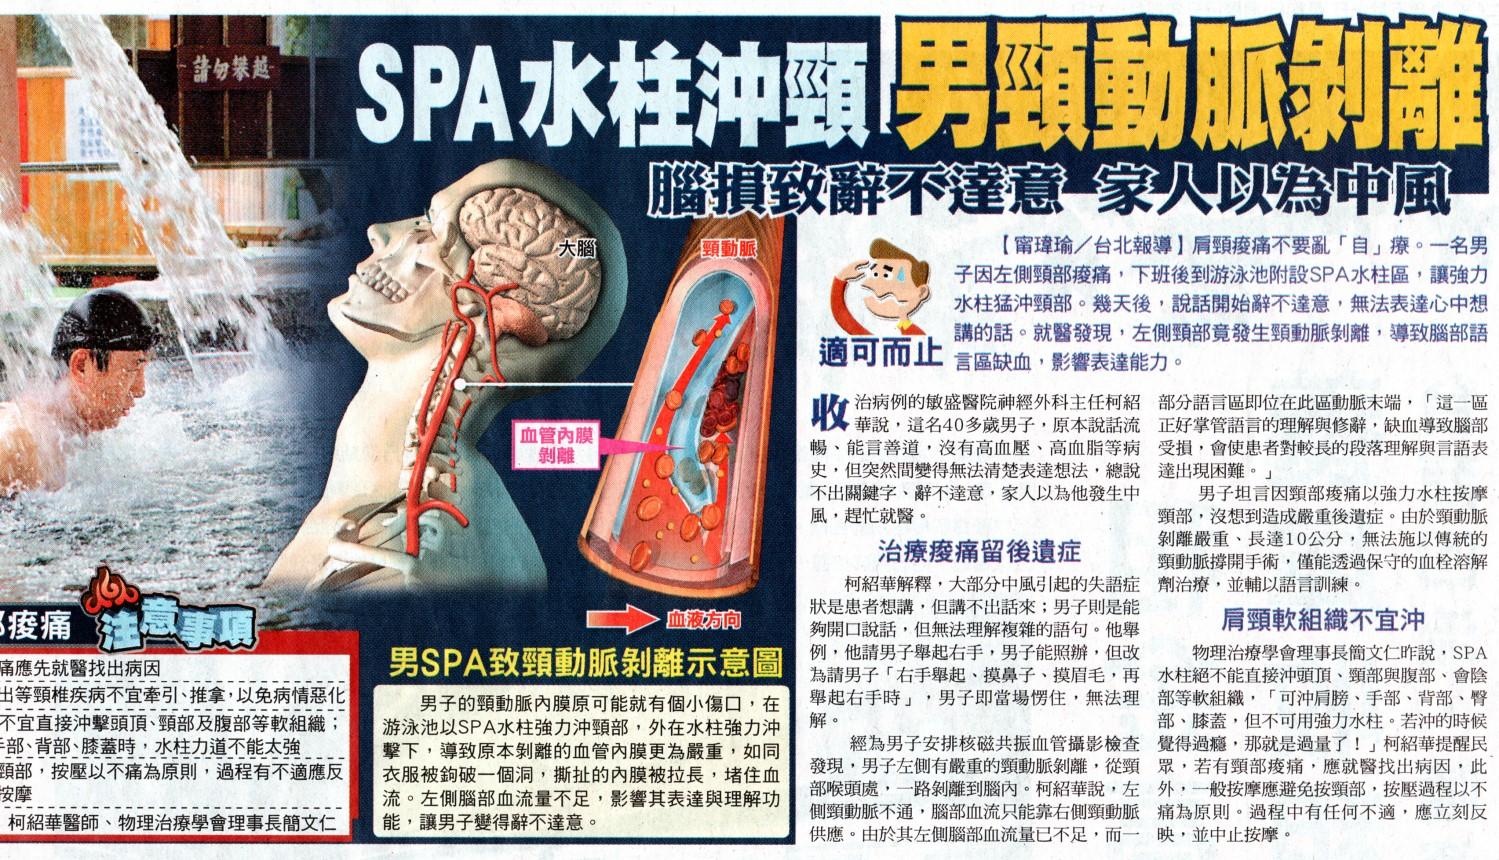 水柱沖頸,導致頸動脈剝離